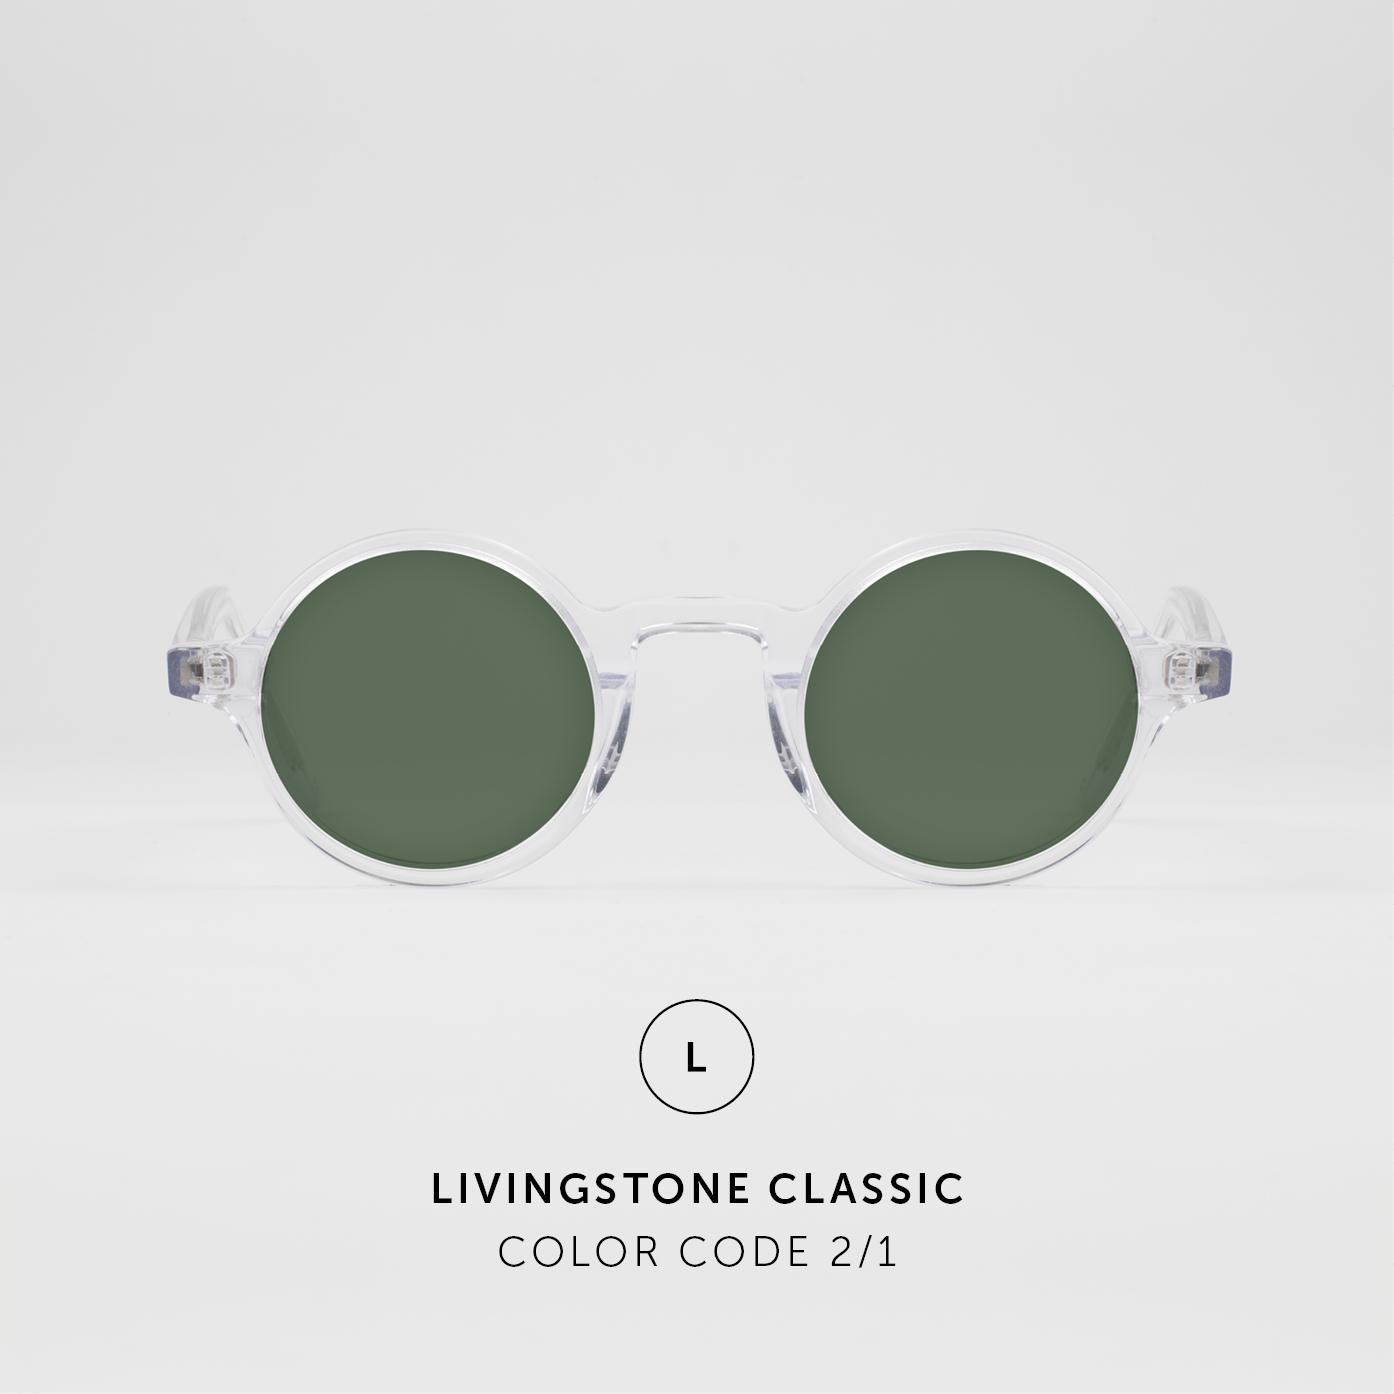 LivingstoneClassic16.jpg